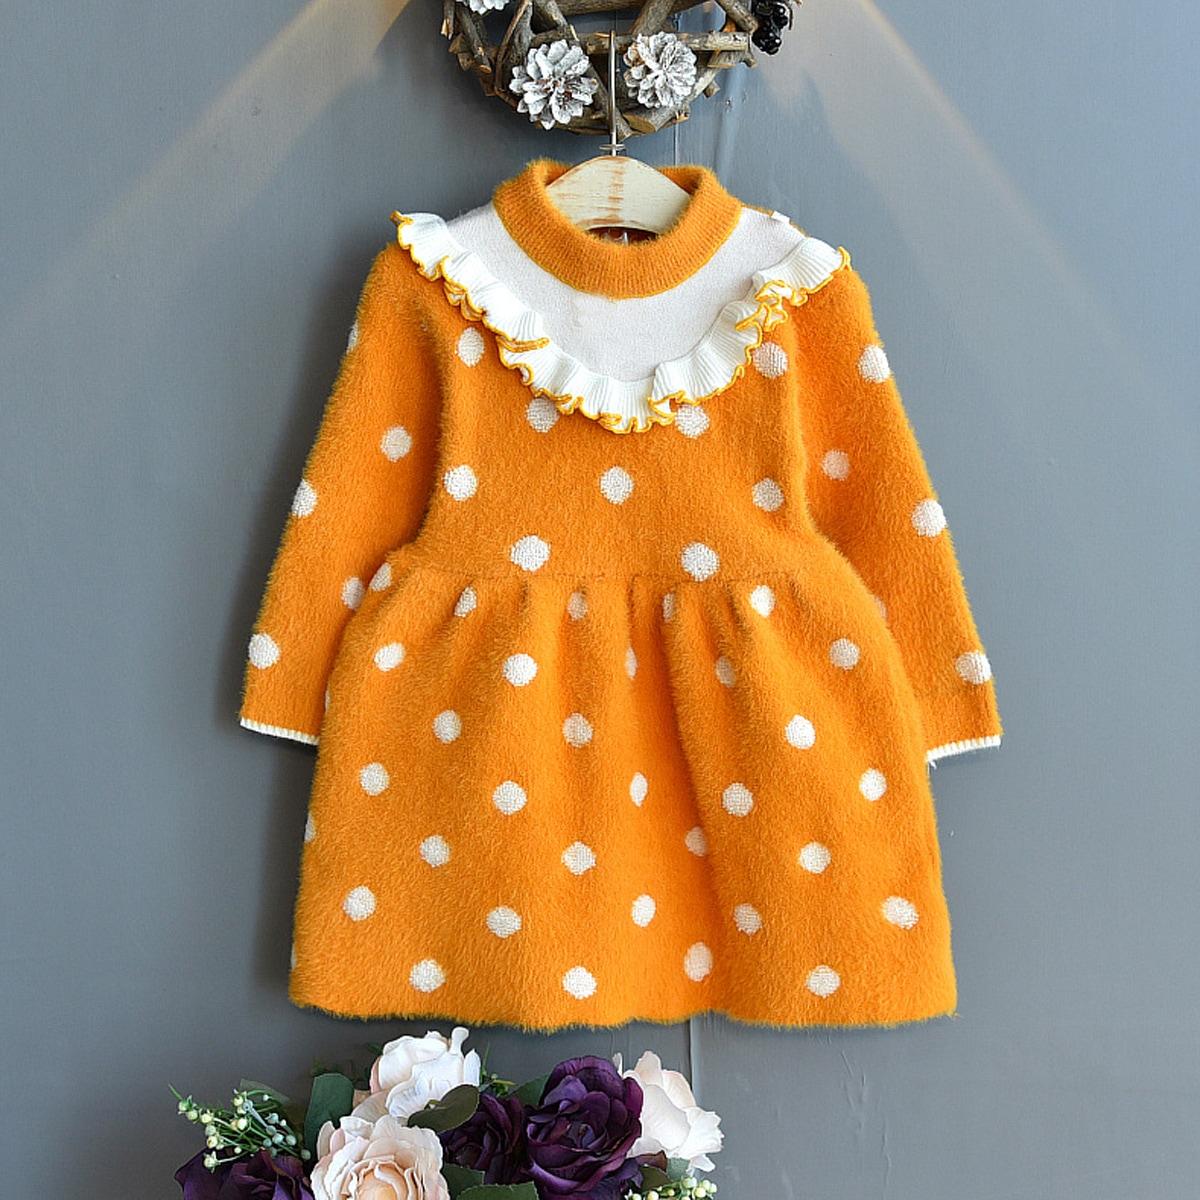 Трикотажное платье в горошек с оборкой для девочек